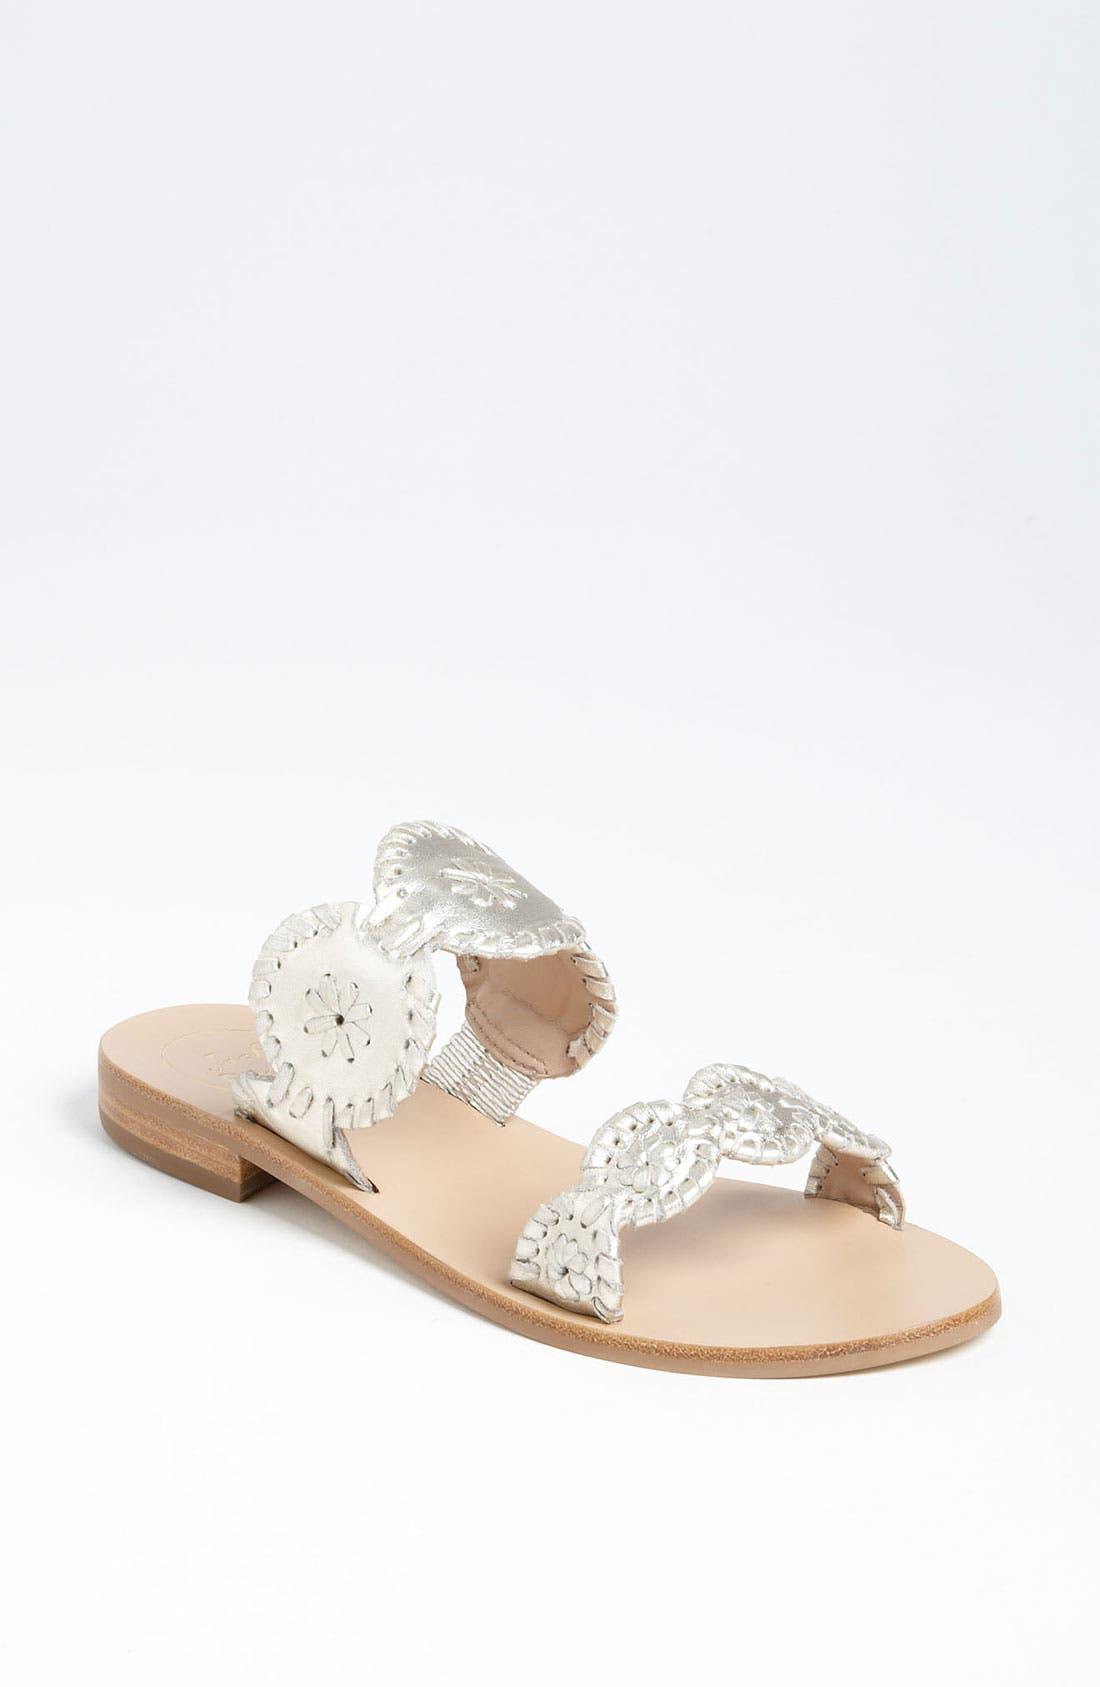 'Lauren' Sandal